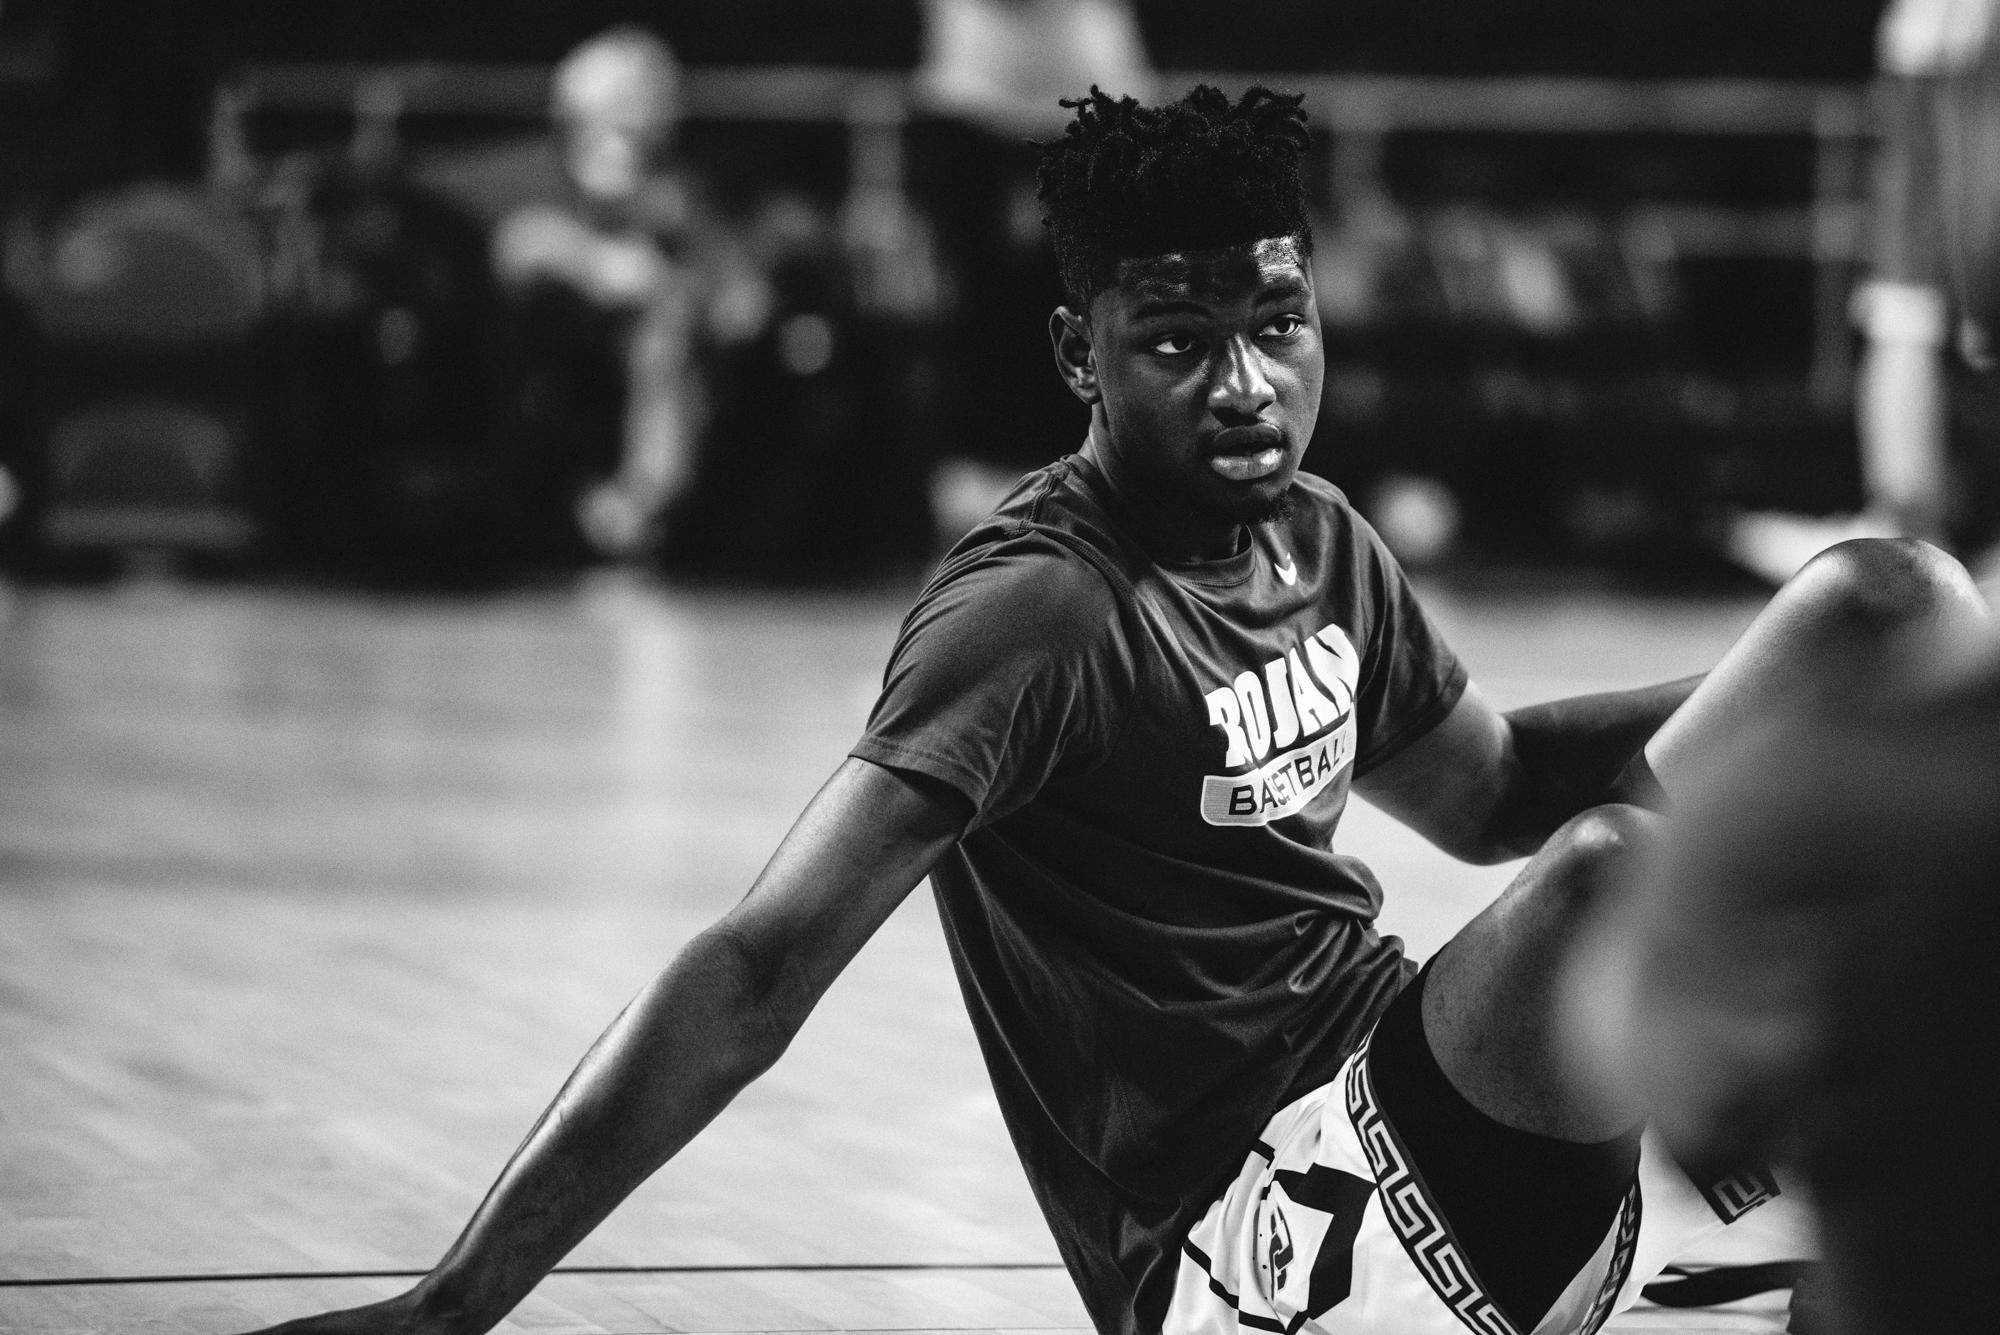 Dondonyan_basketball-6427.jpg